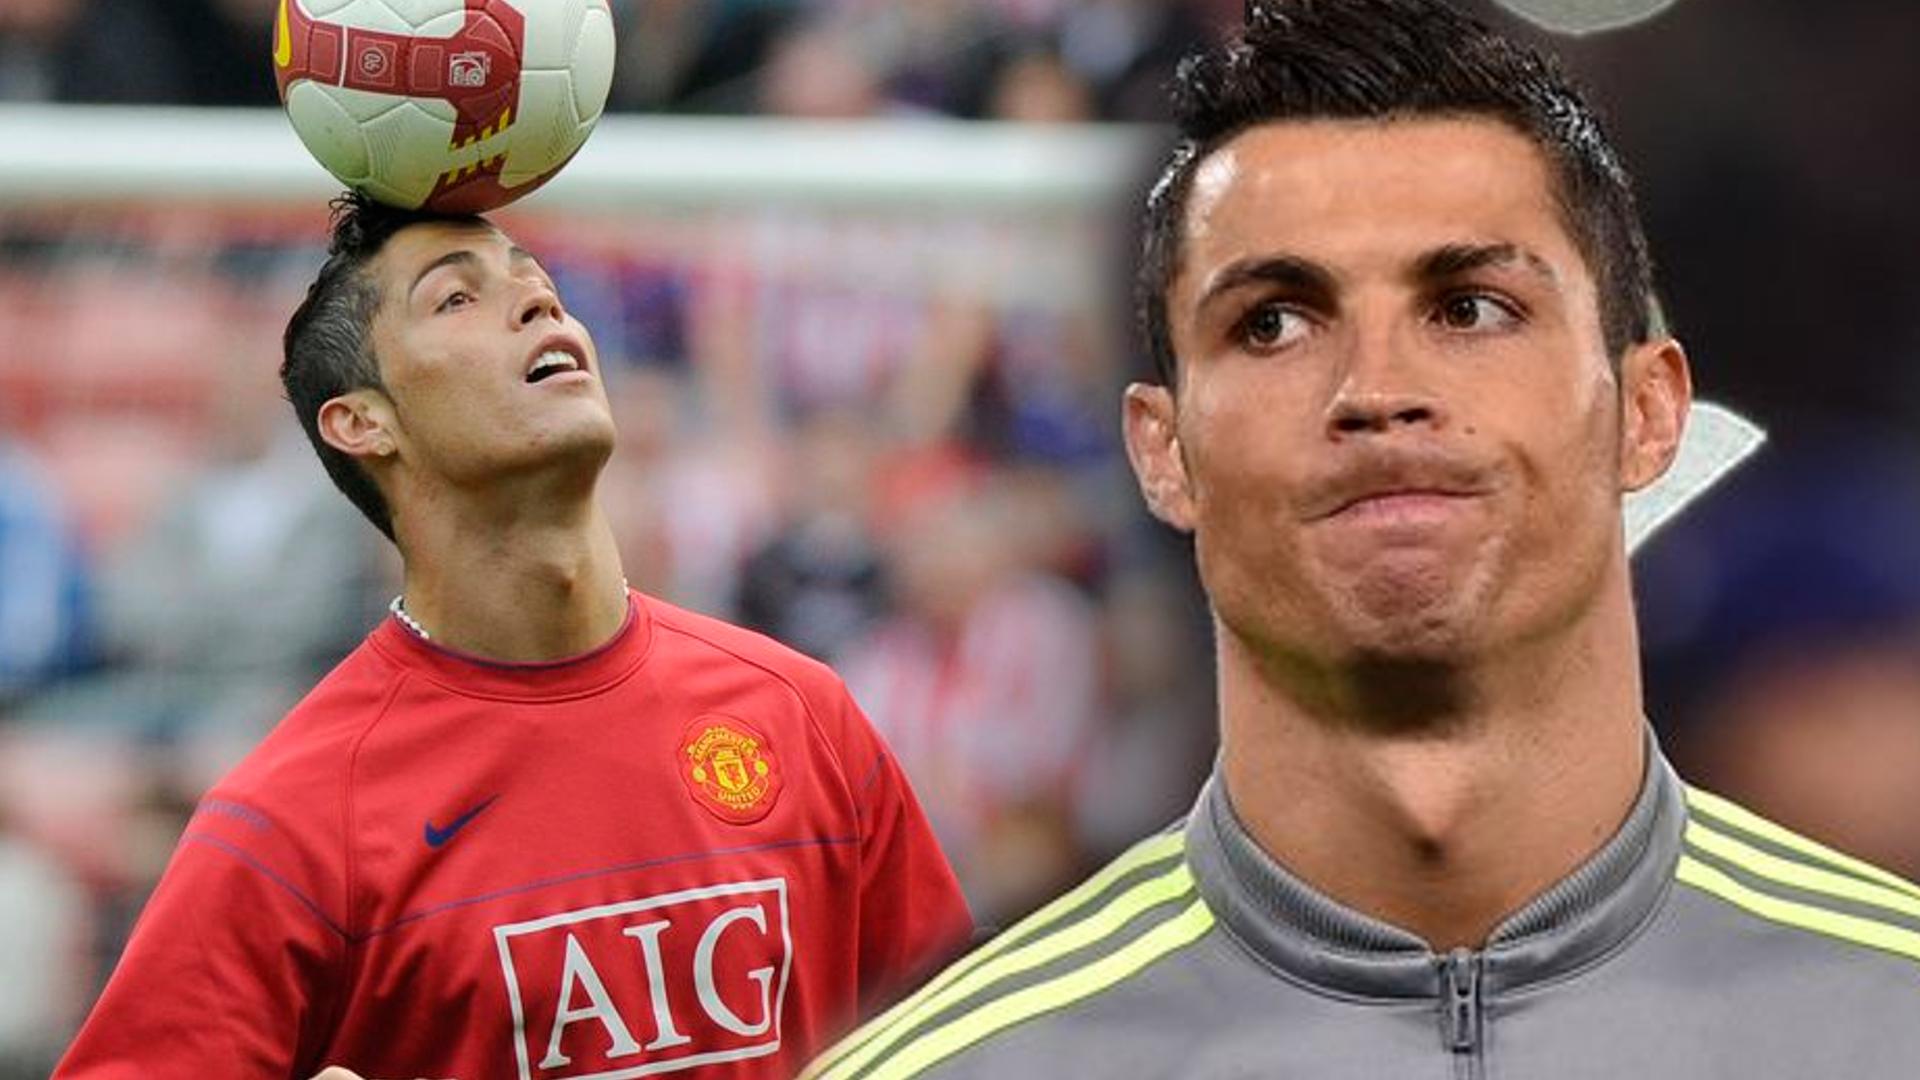 Cristiano Ronaldo skazany! Trafi do więzienia?